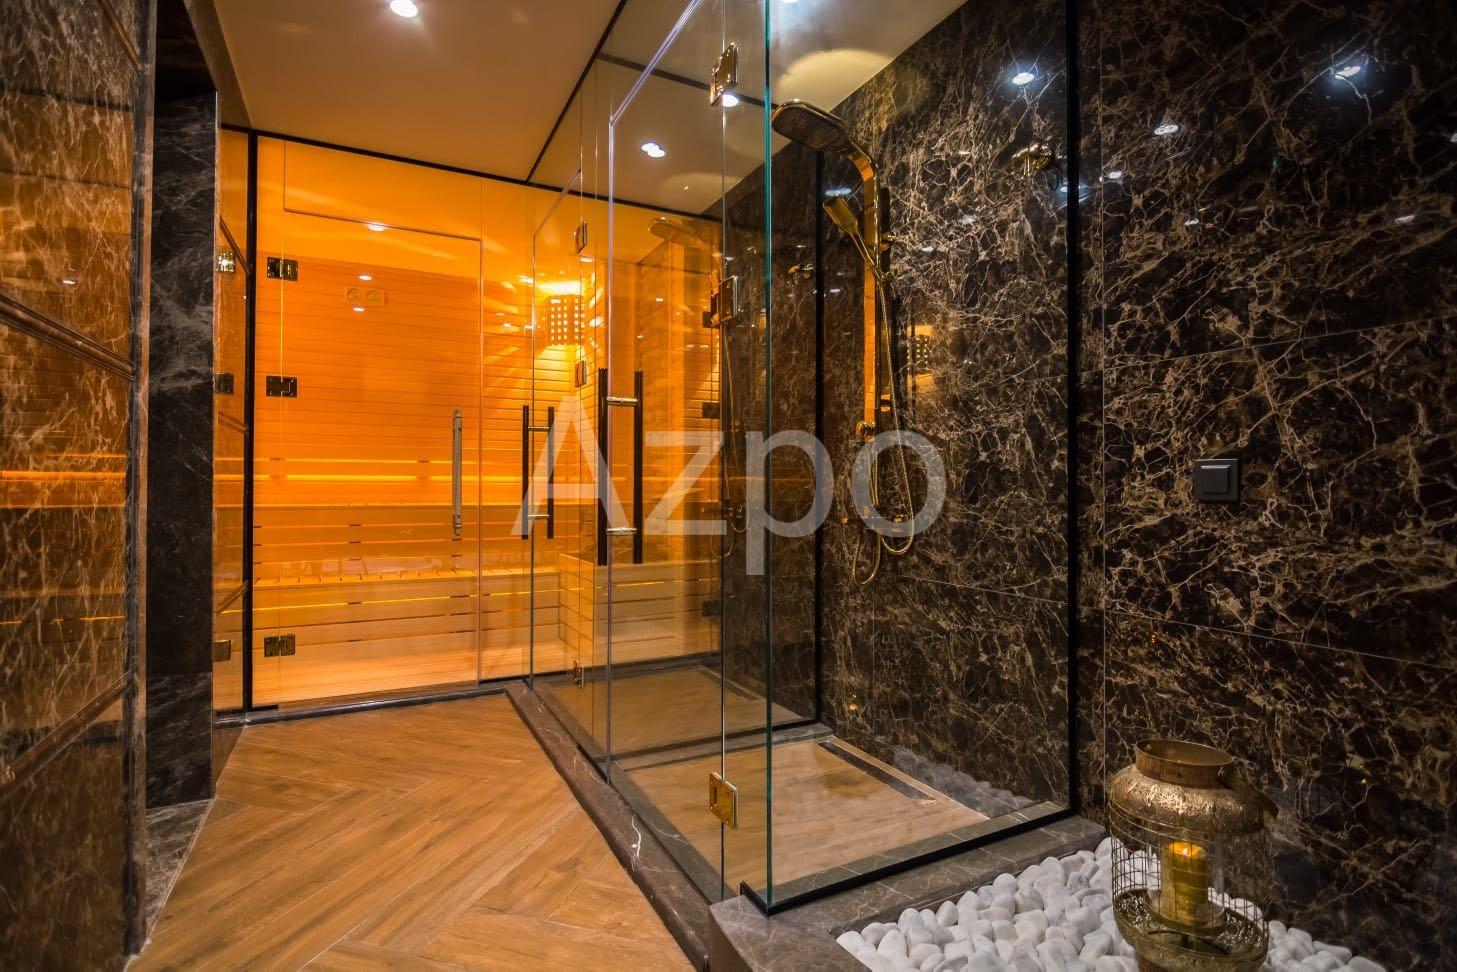 Квартира 2+1 с изысканным интерьером - Фото 8